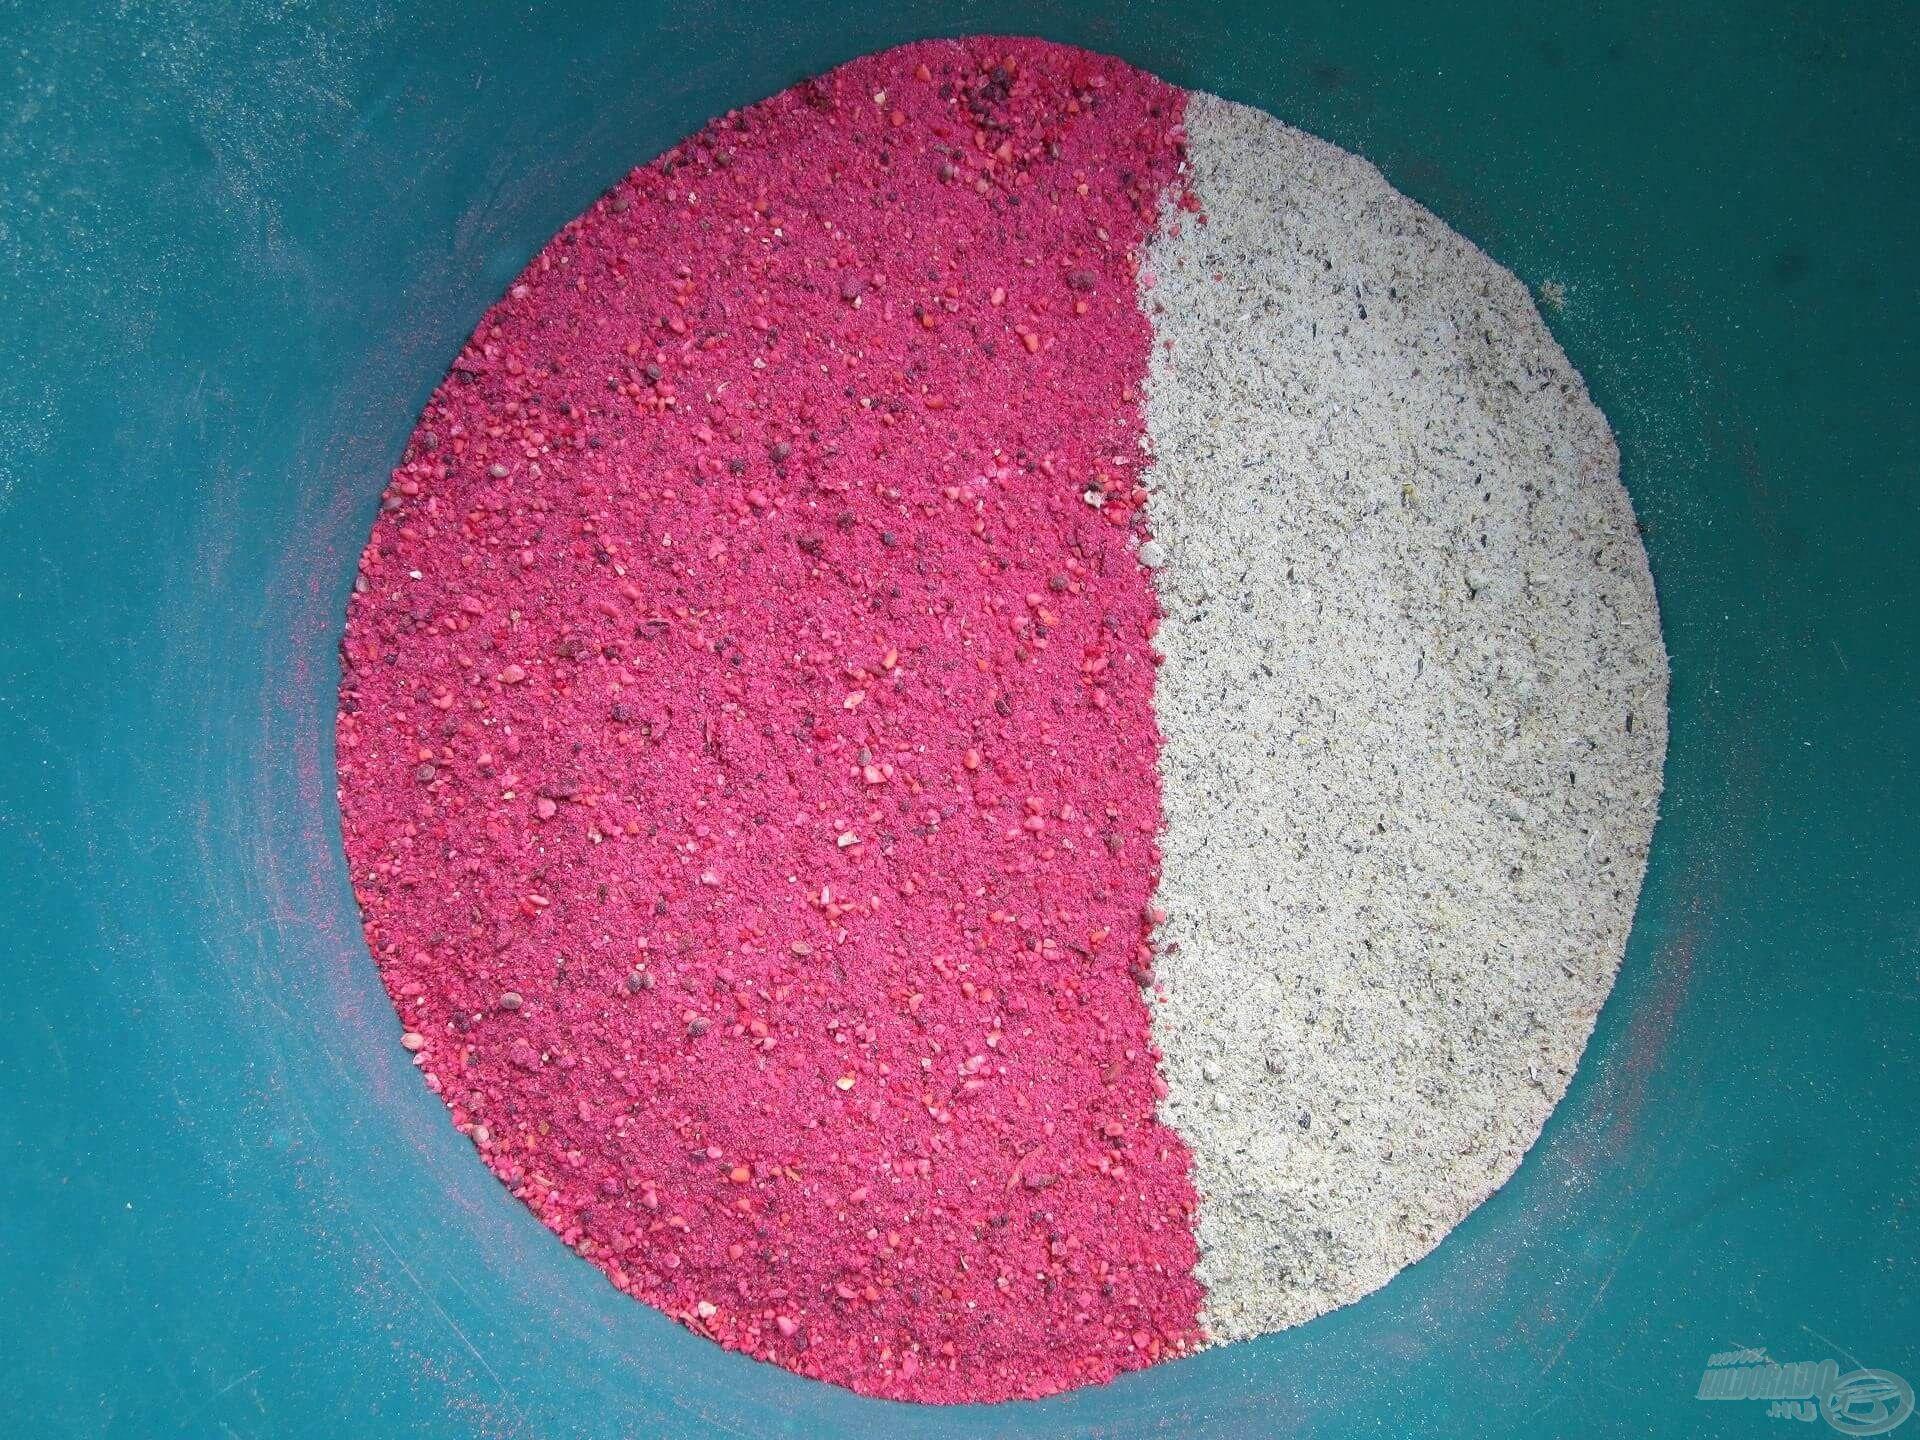 A Ponty Piros etetőanyagot kiegészítettem némi olajos mag, szőlőcukor és panírmorzsa őrleményével